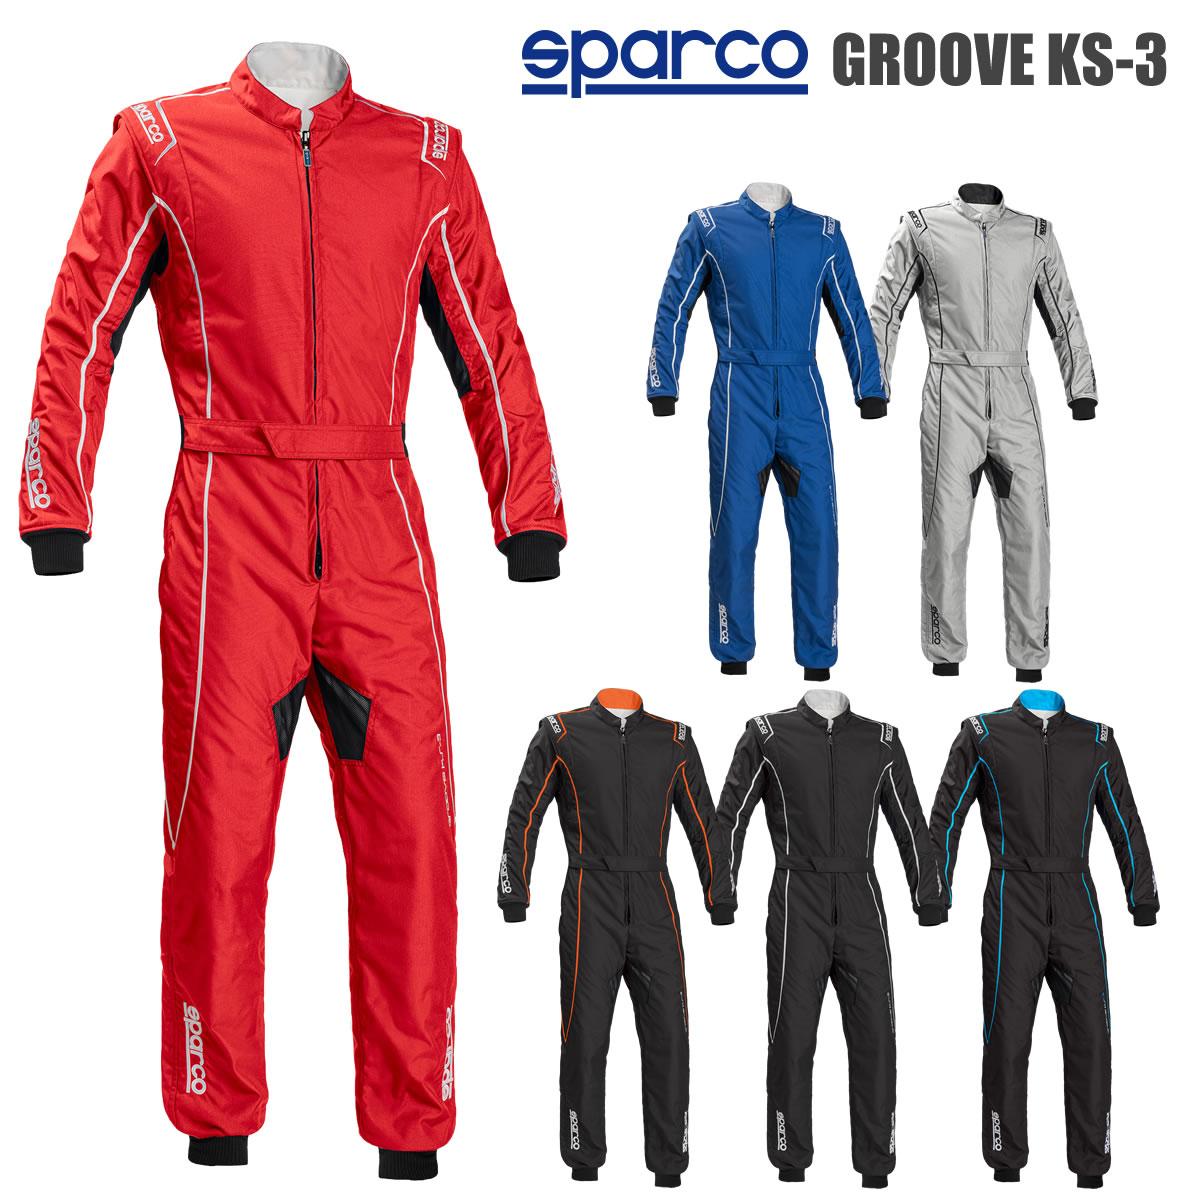 スパルコ レーシングスーツ カート用 GROOVE KS-3 (グルーブ) SPARCO